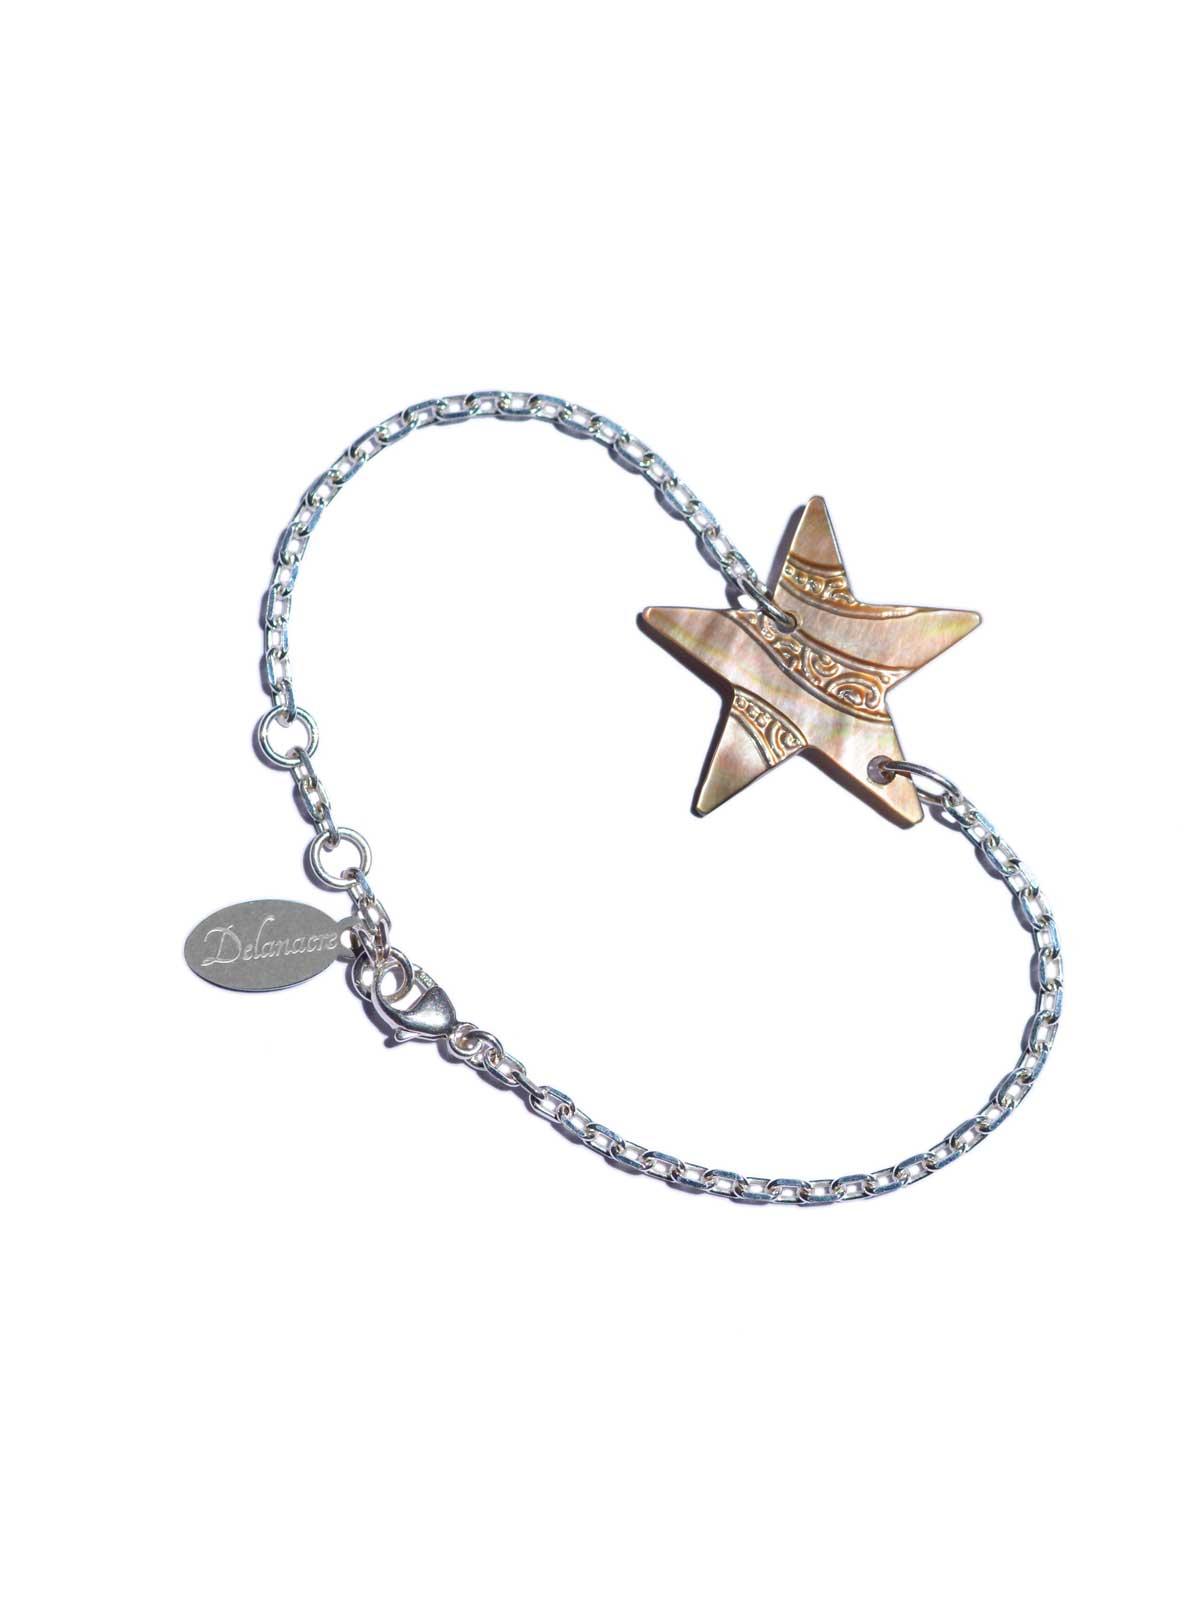 Bracelet Sterling Silver chain star in Mother-of-pearl of Tahiti Swarovski crystal